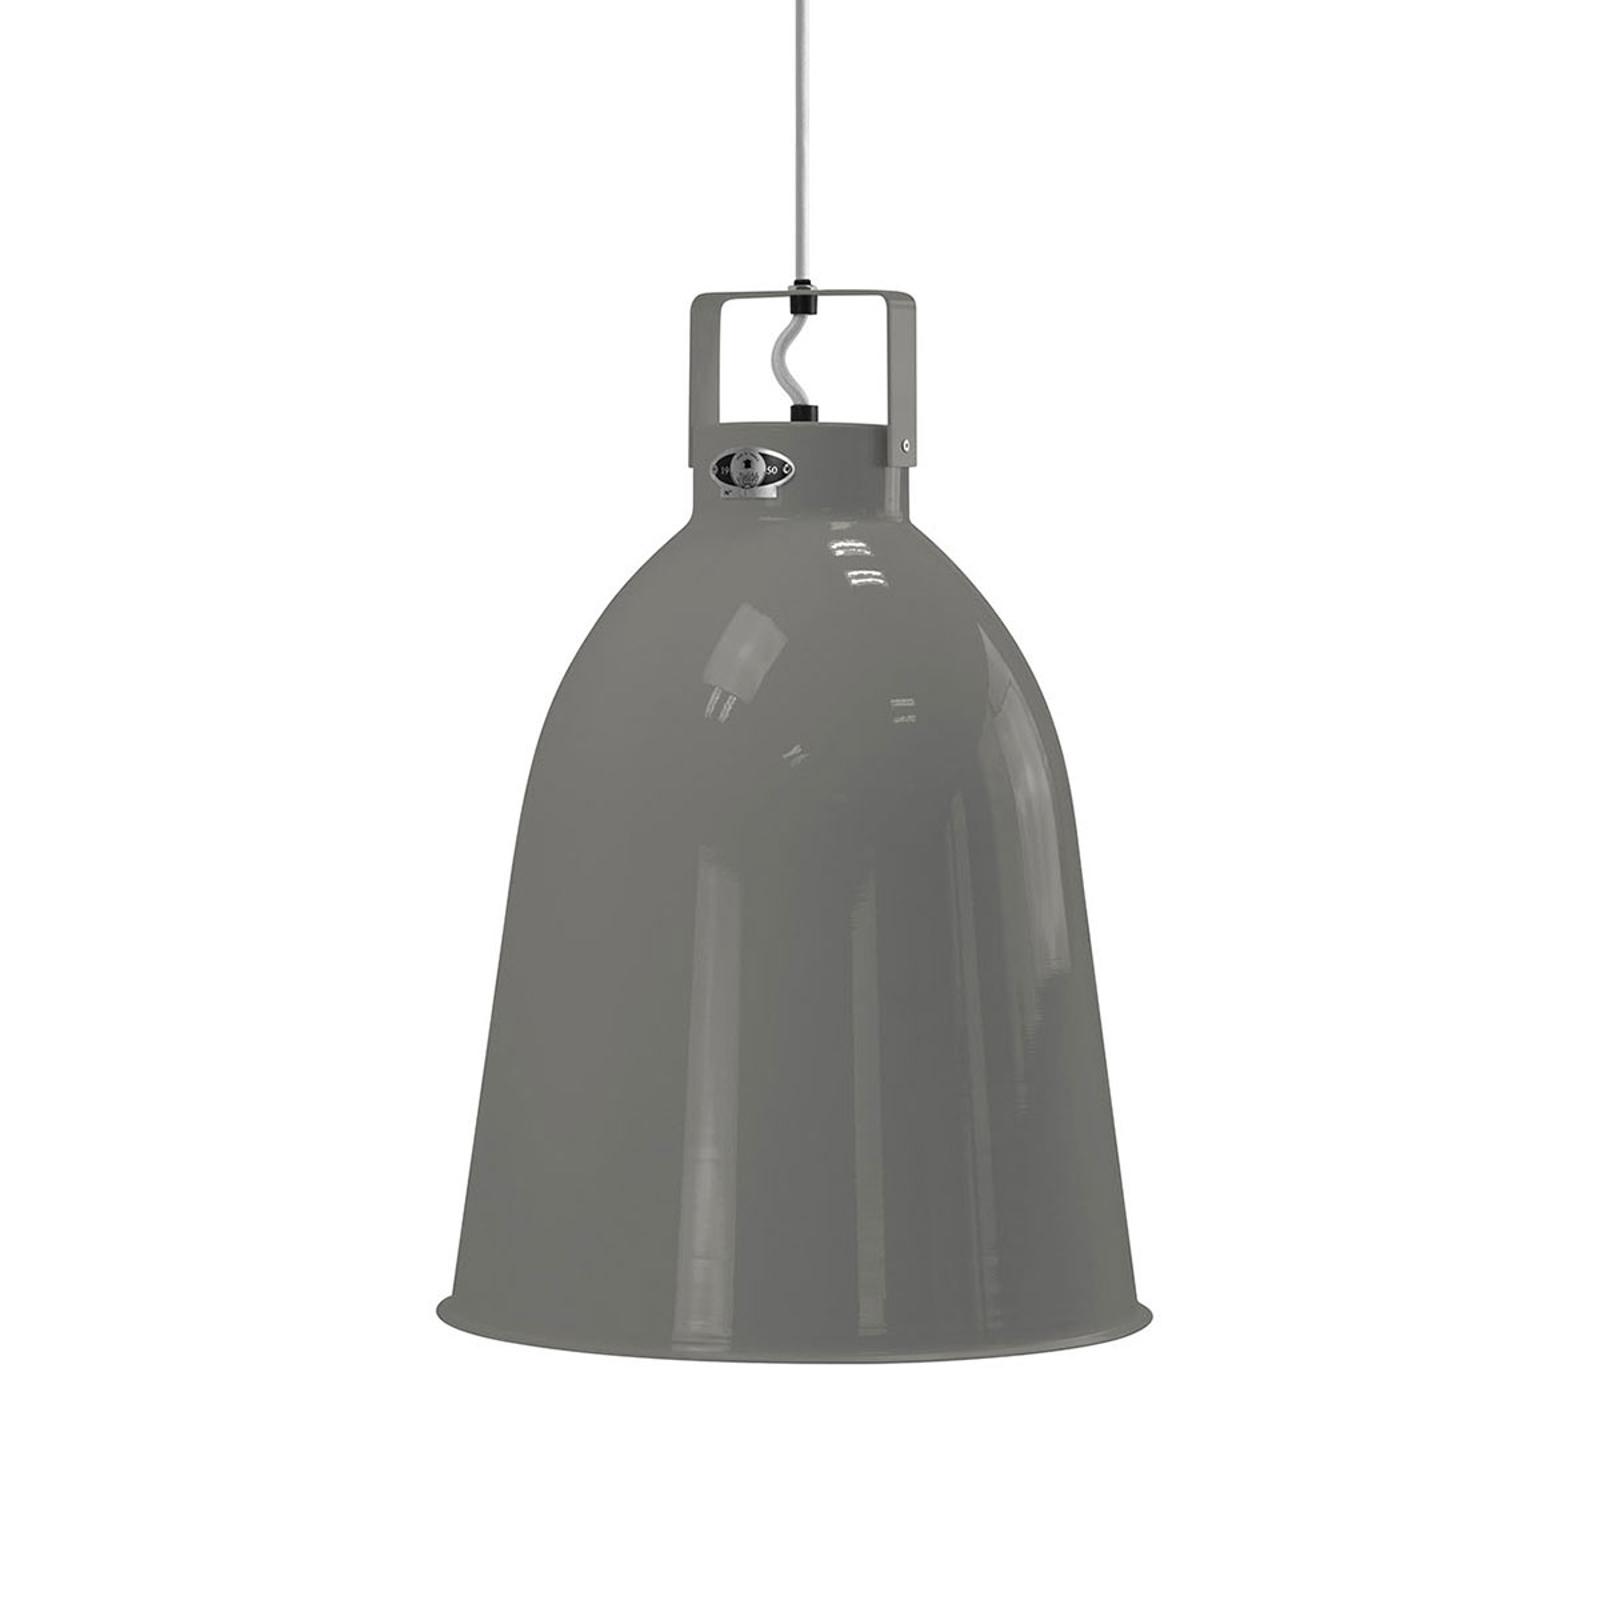 Jieldé Clément C360 lampa wisząca szara Ø 36cm